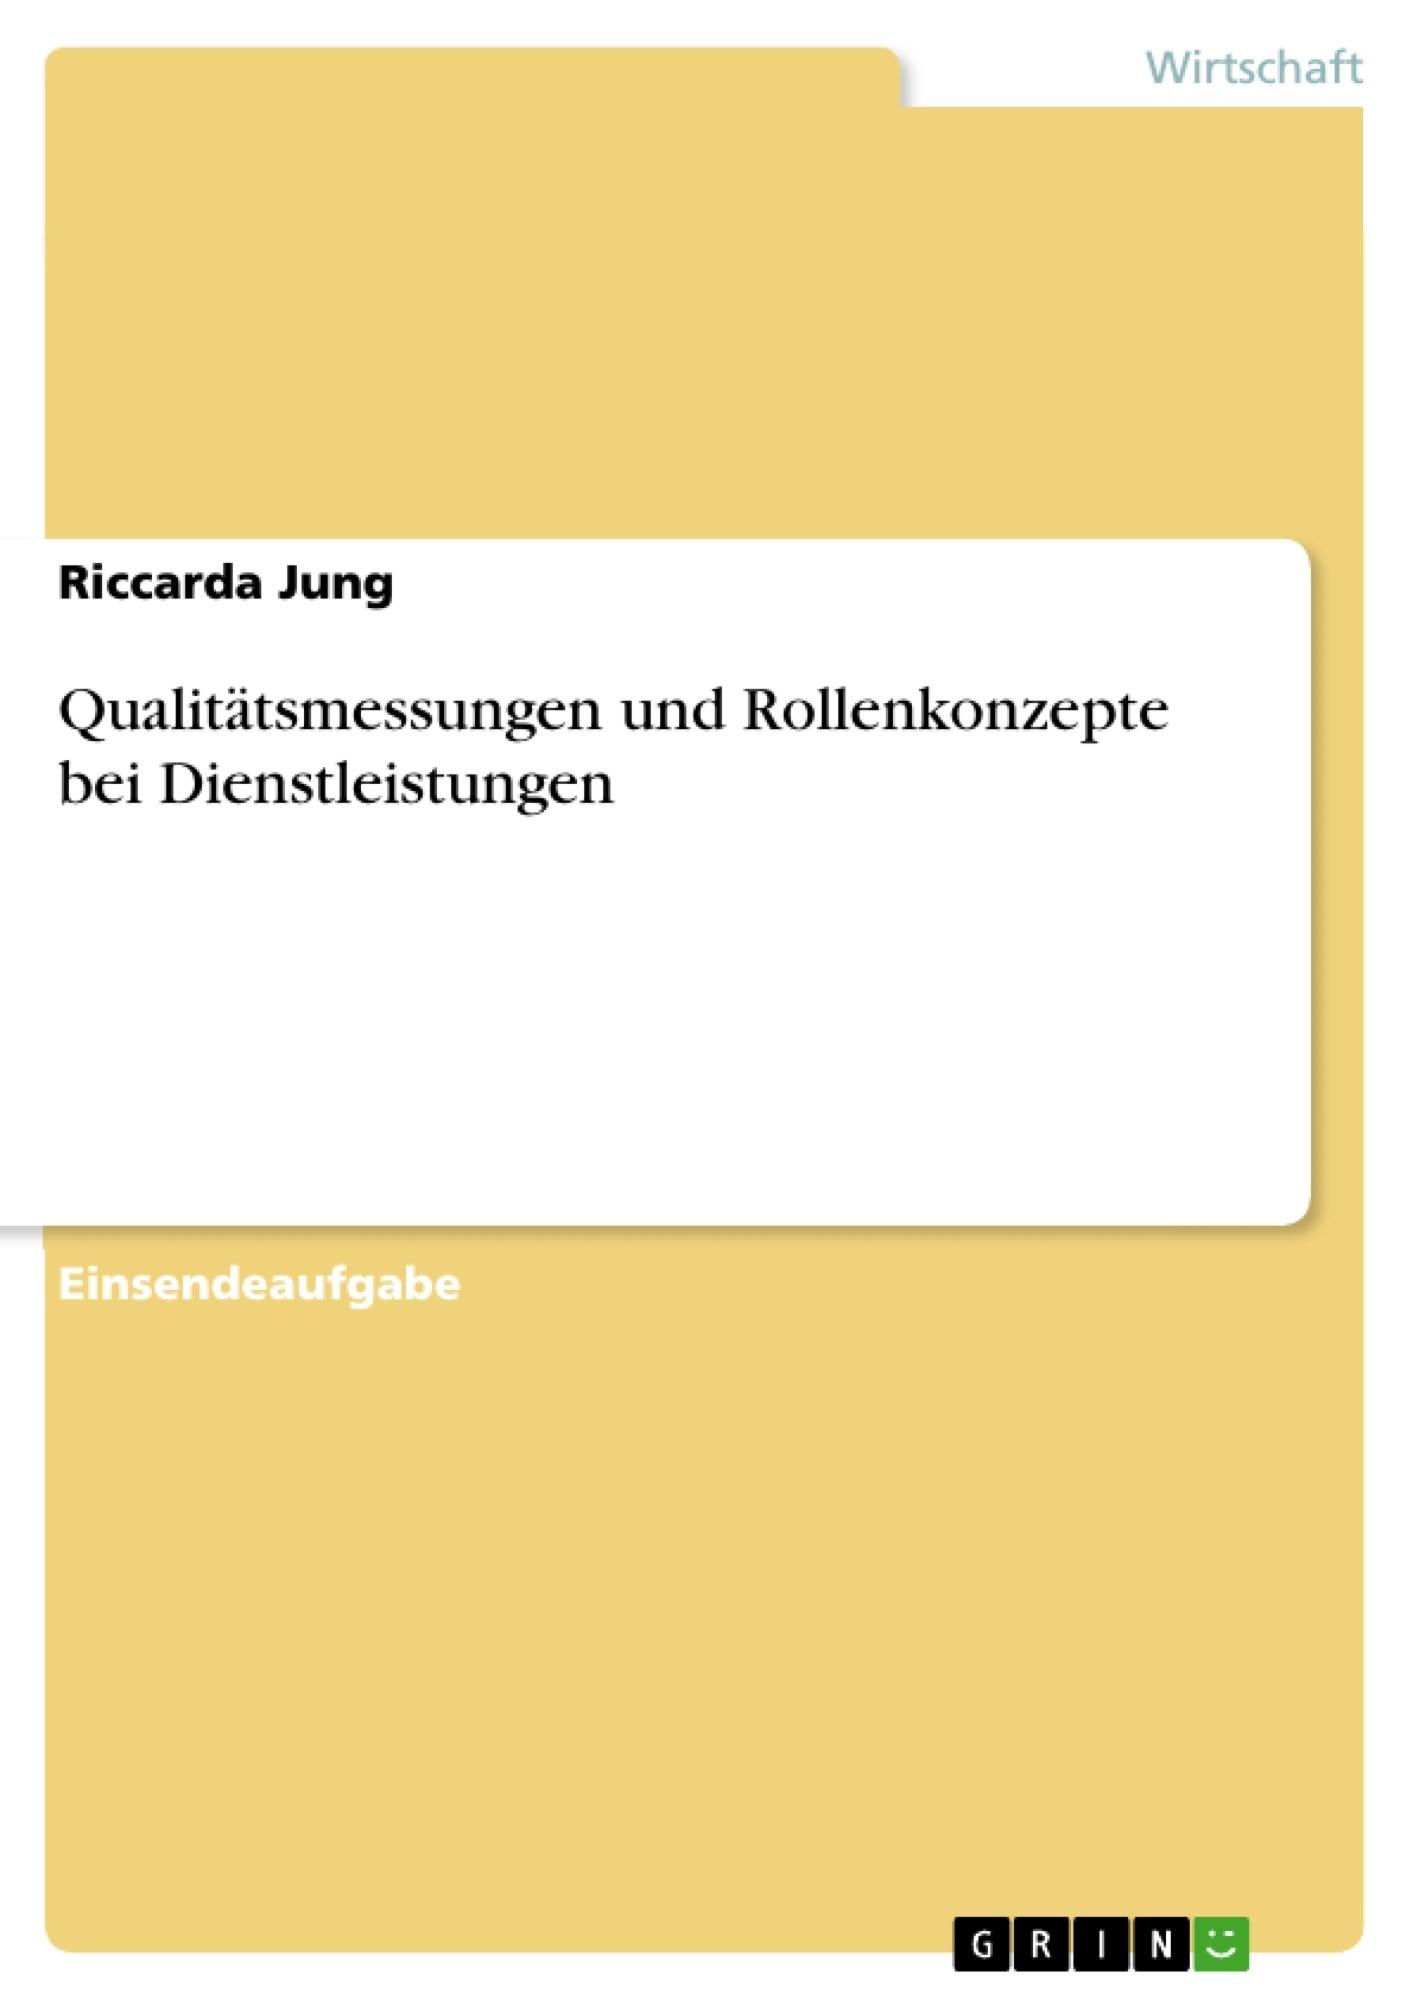 Titel: Qualitätsmessungen und Rollenkonzepte bei Dienstleistungen